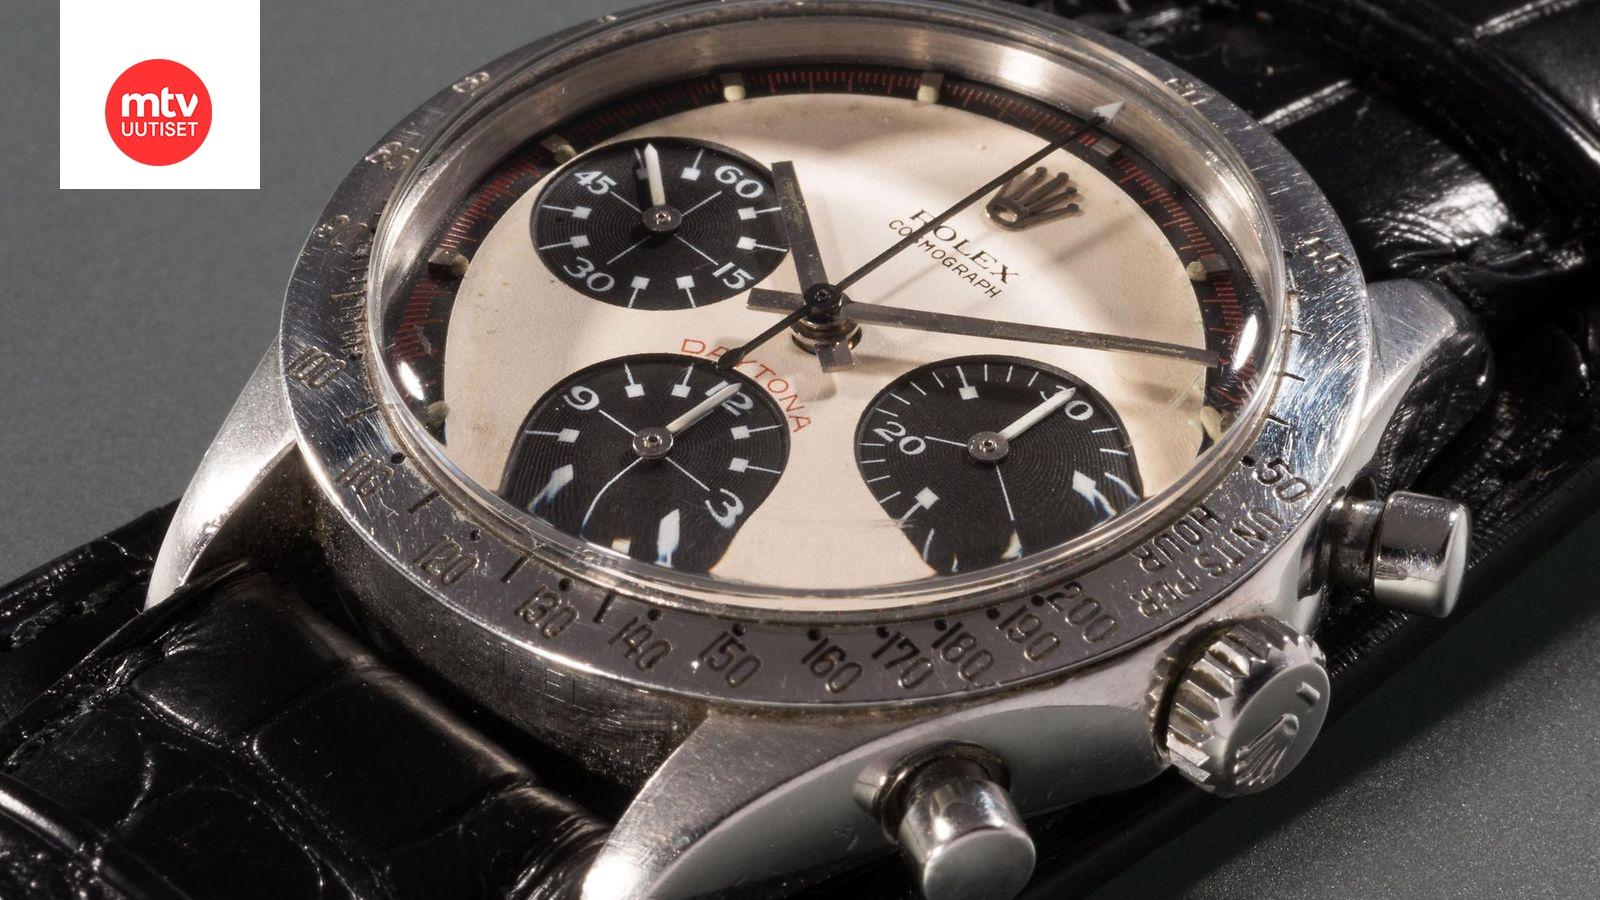 Miksi Rolexin kellot ovat niin kalliita? Luksuskellojen salaisuus selvitettiin – valmistaminen vie vuoden